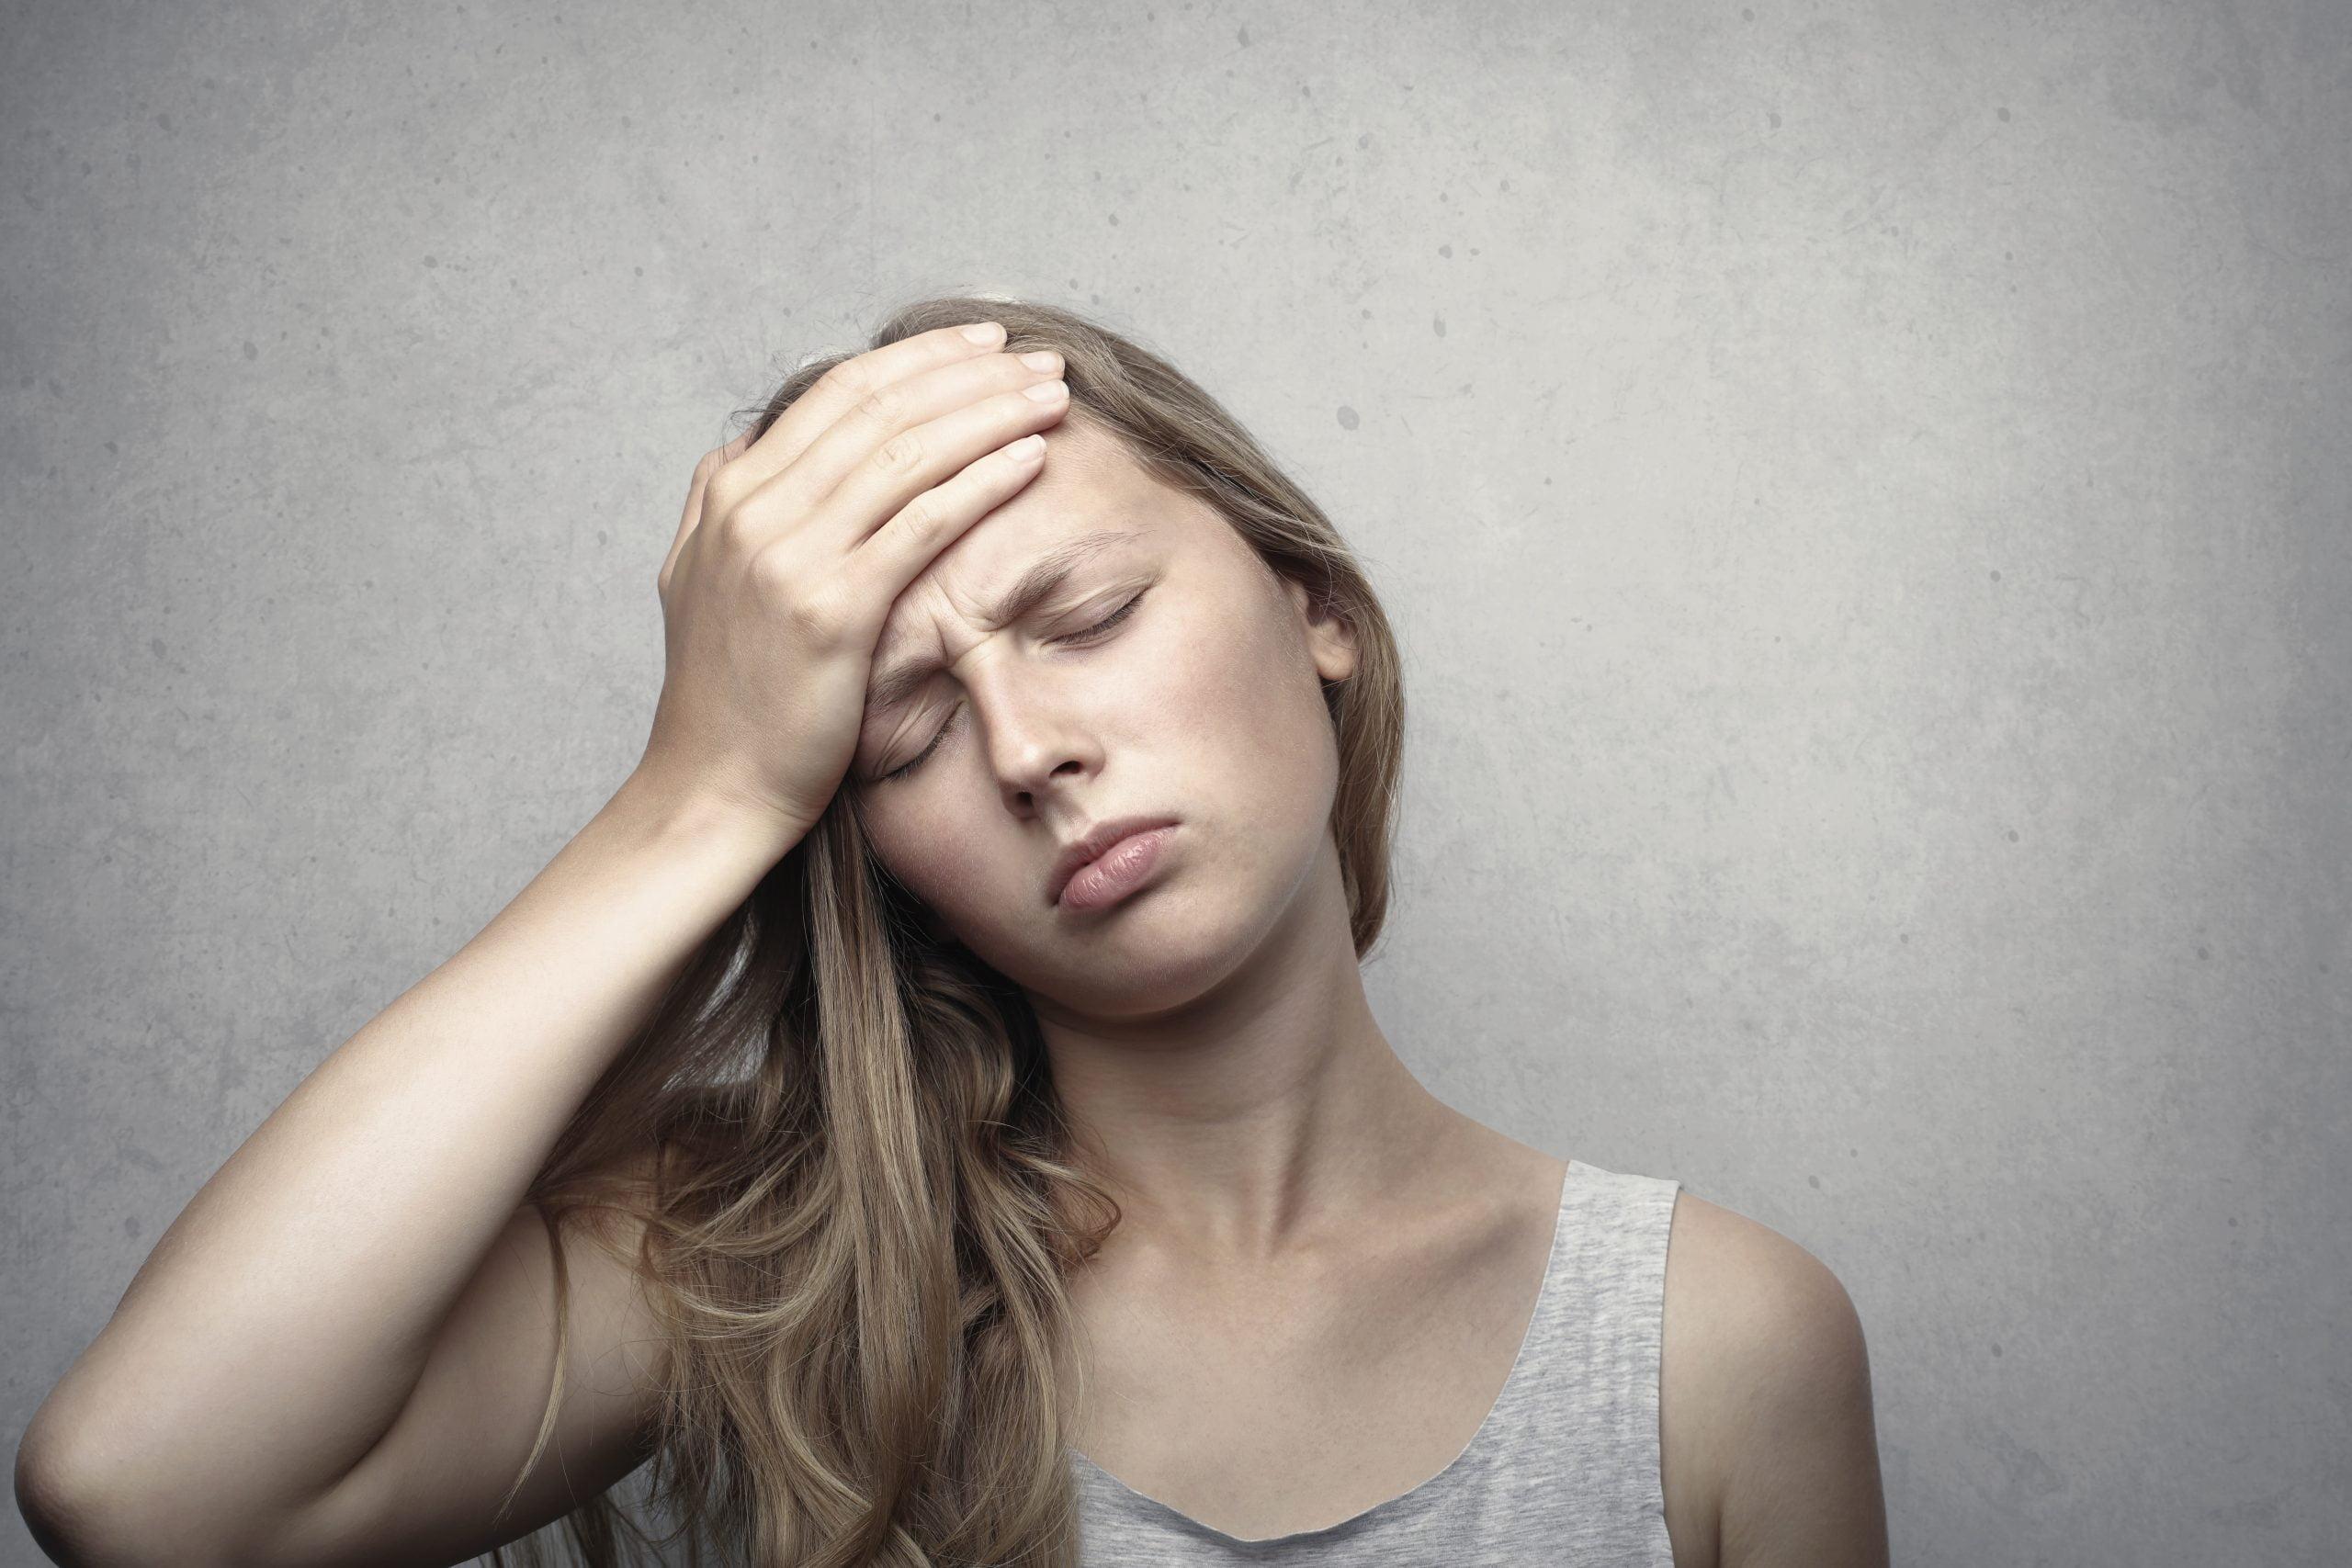 كيف تشعر بتعب أقل خلال اليوم